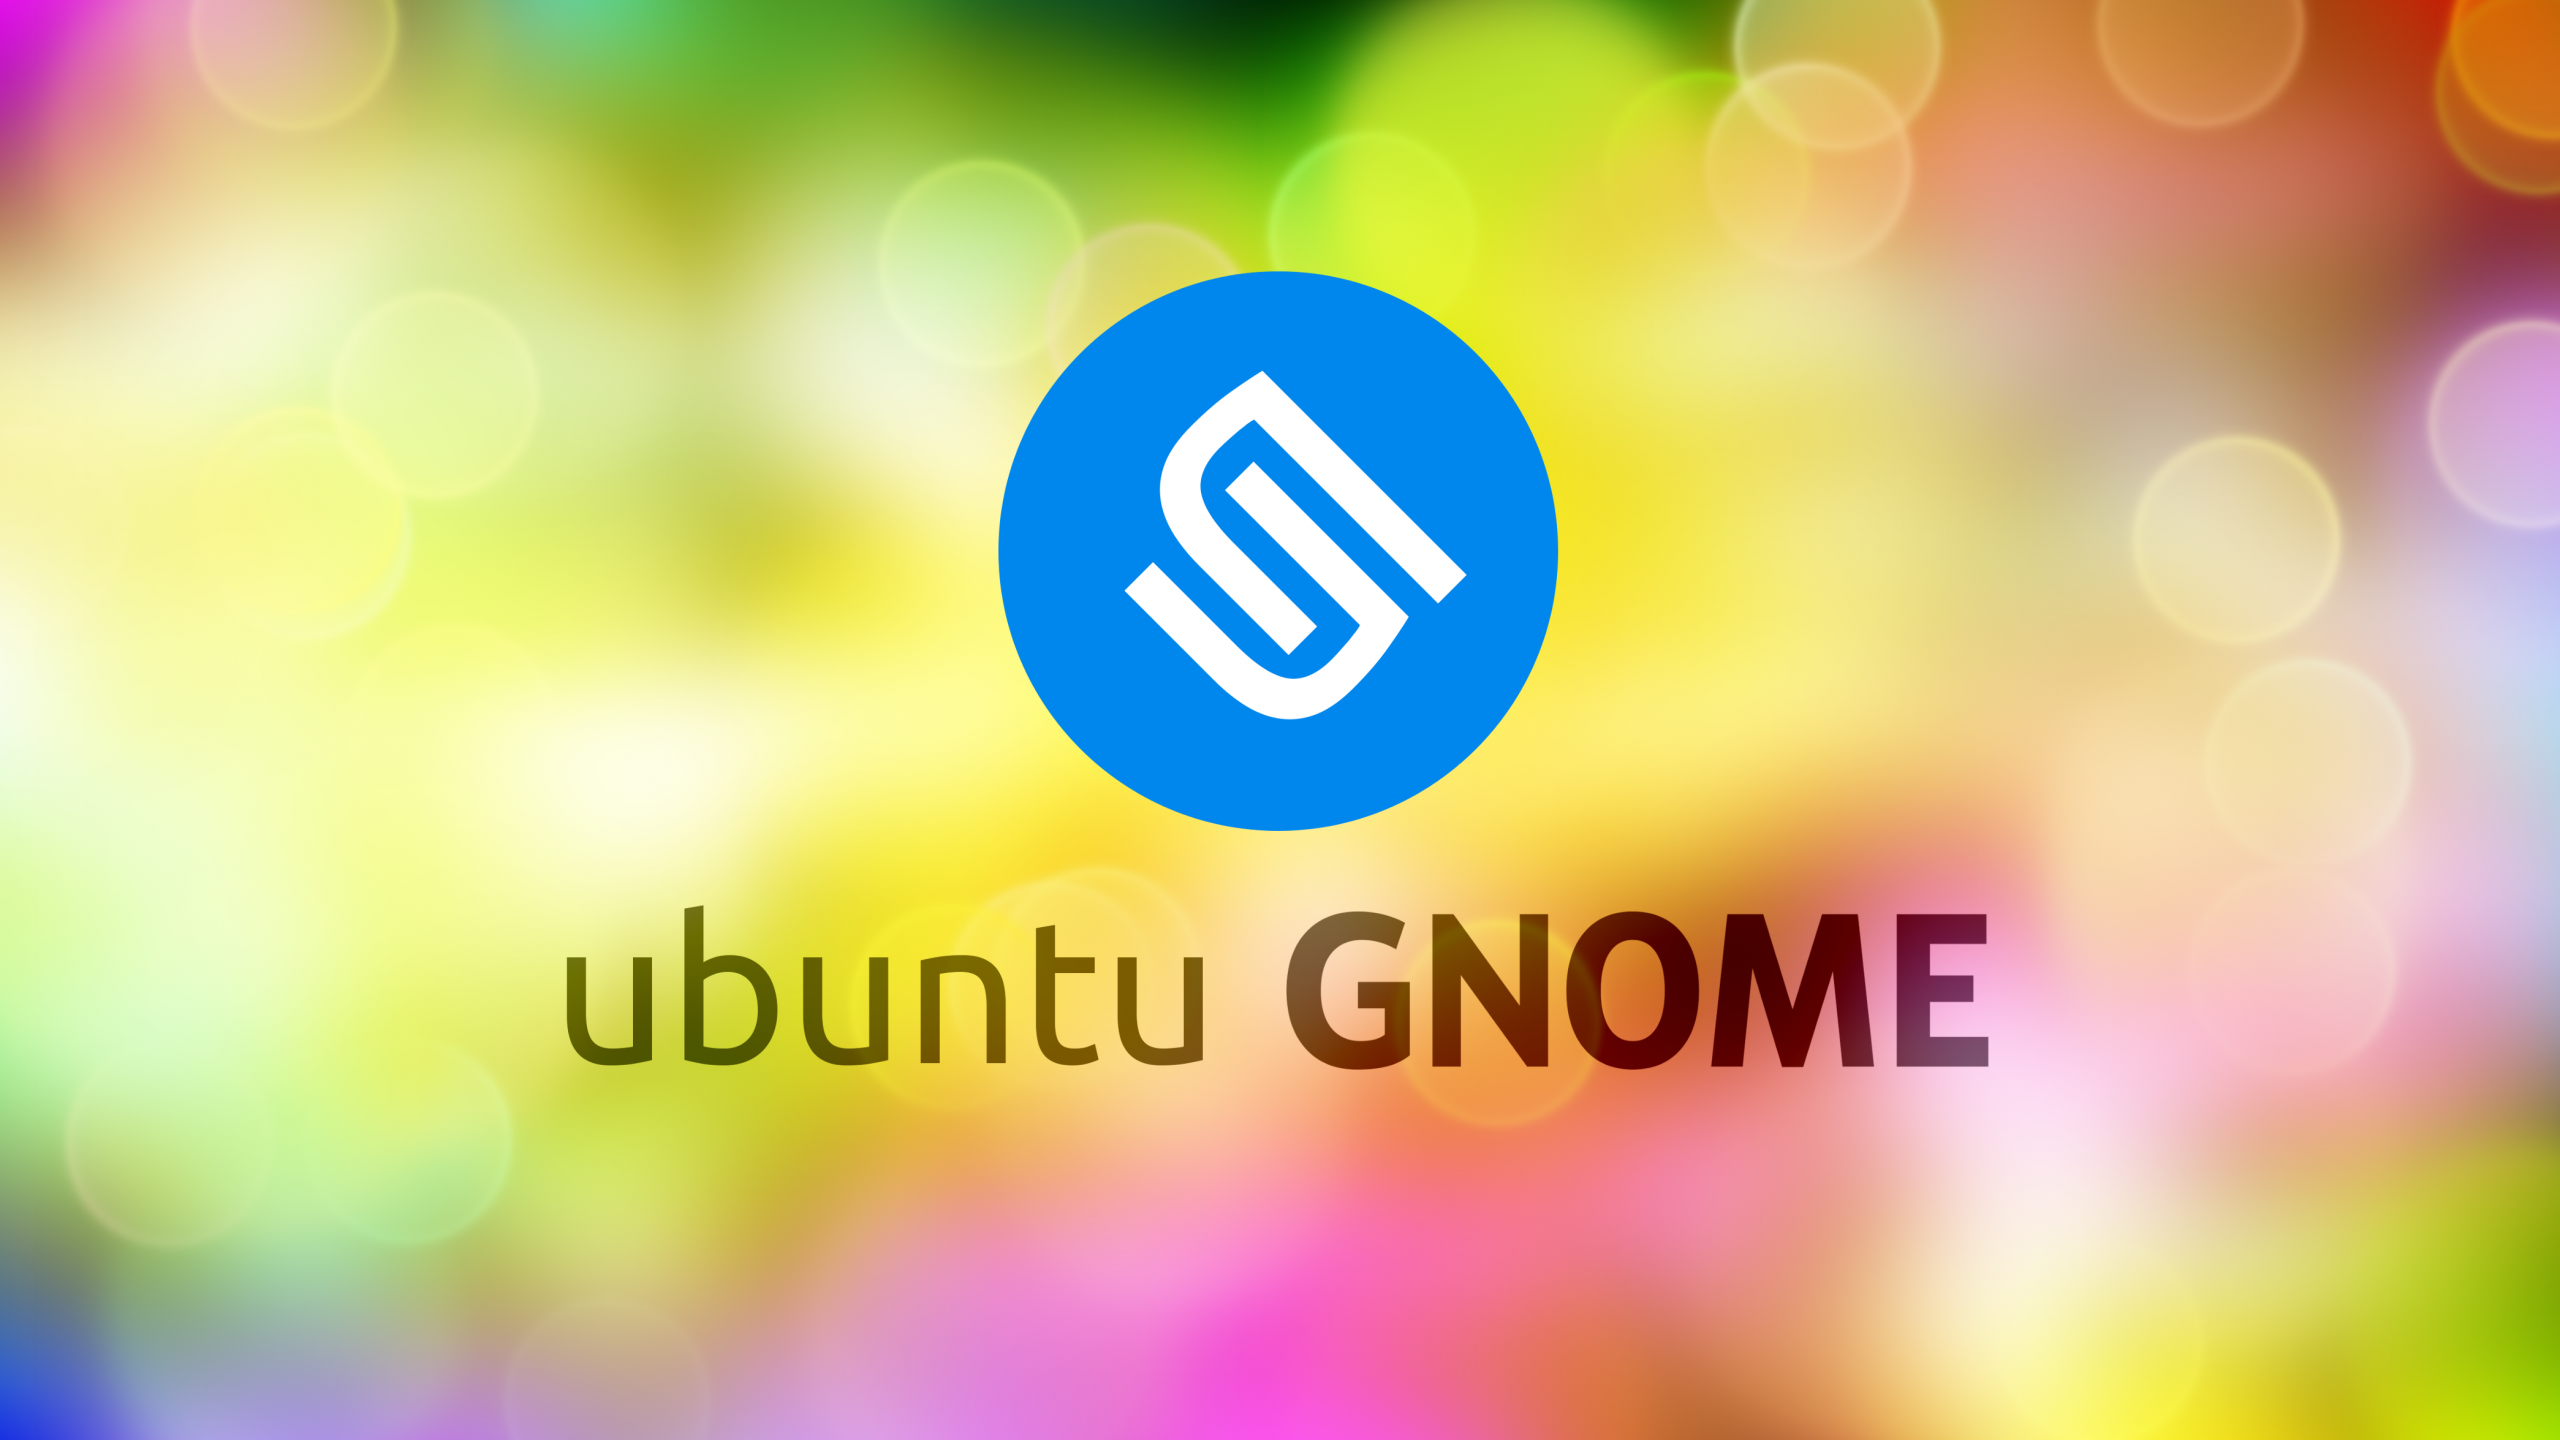 Ubuntu Gnome, nous l'avons testé pour vous